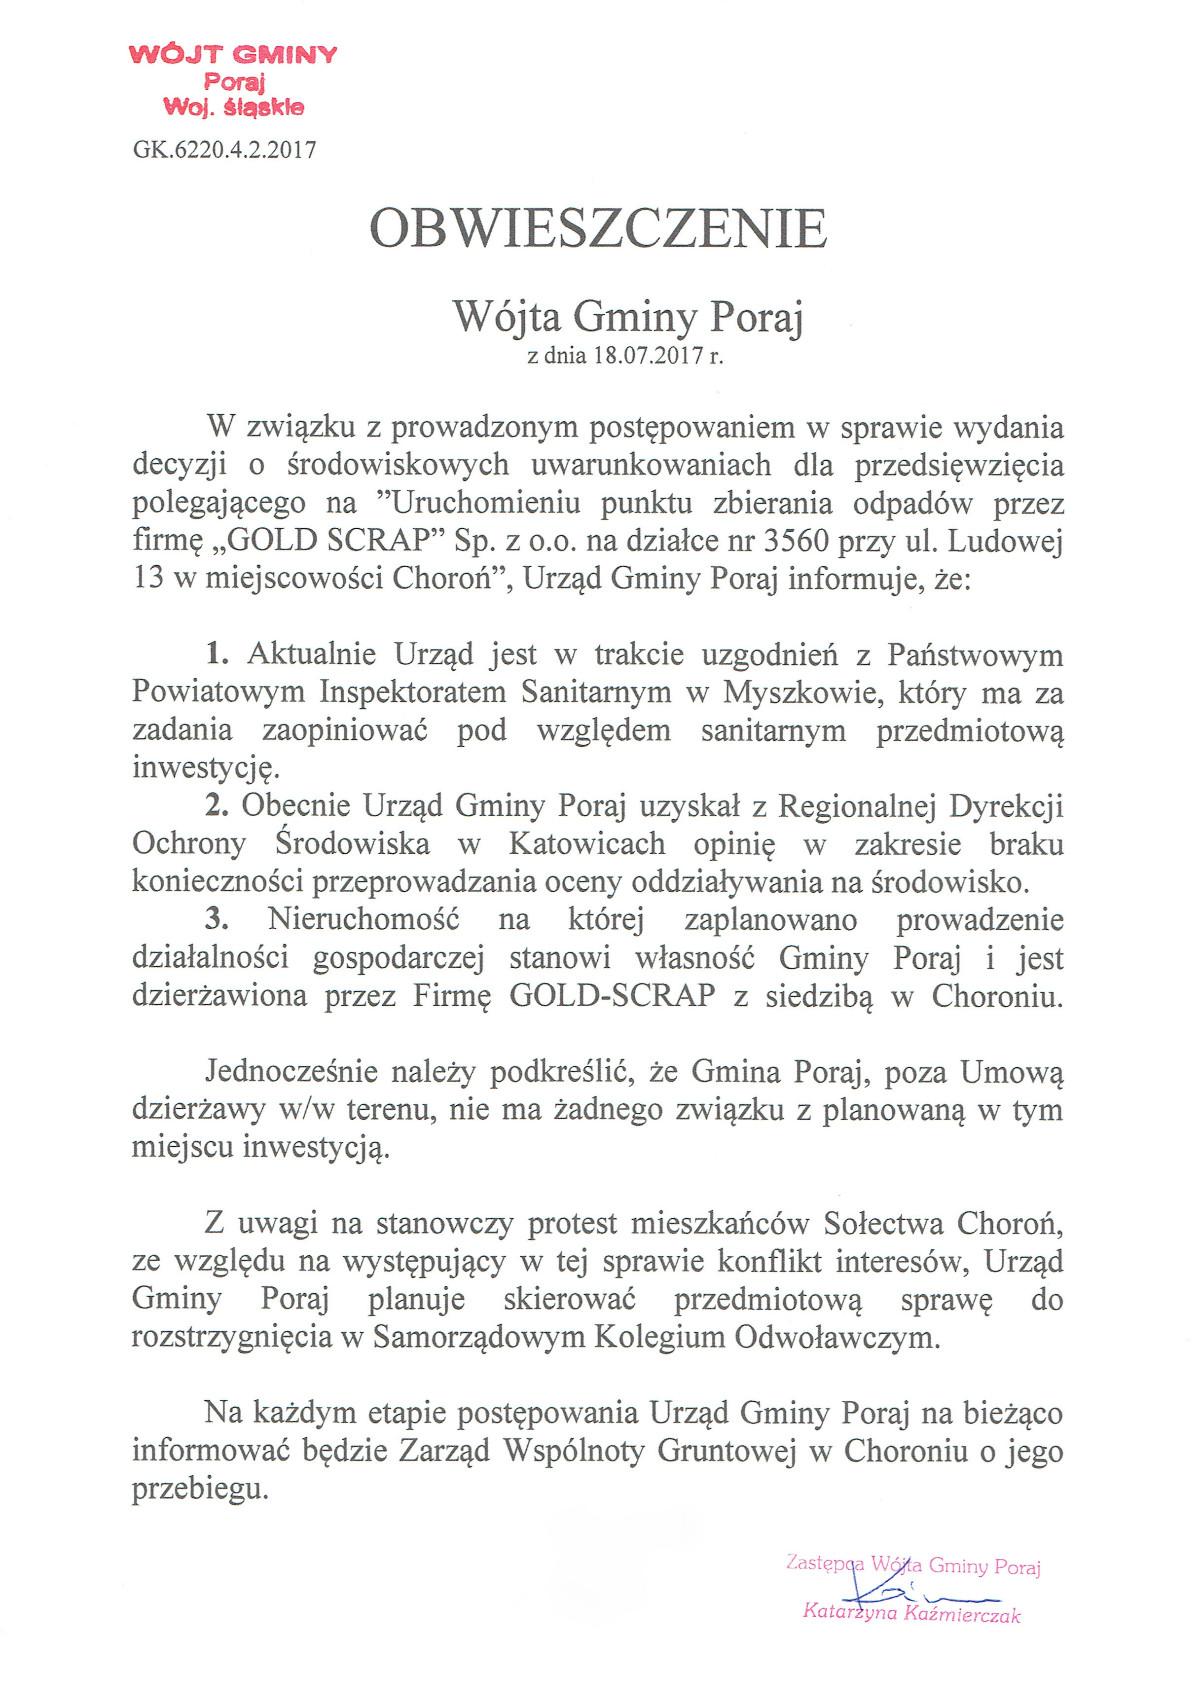 Obwieszczenie Wójta Gminy Poraj z dnia 18.07.2017 r.